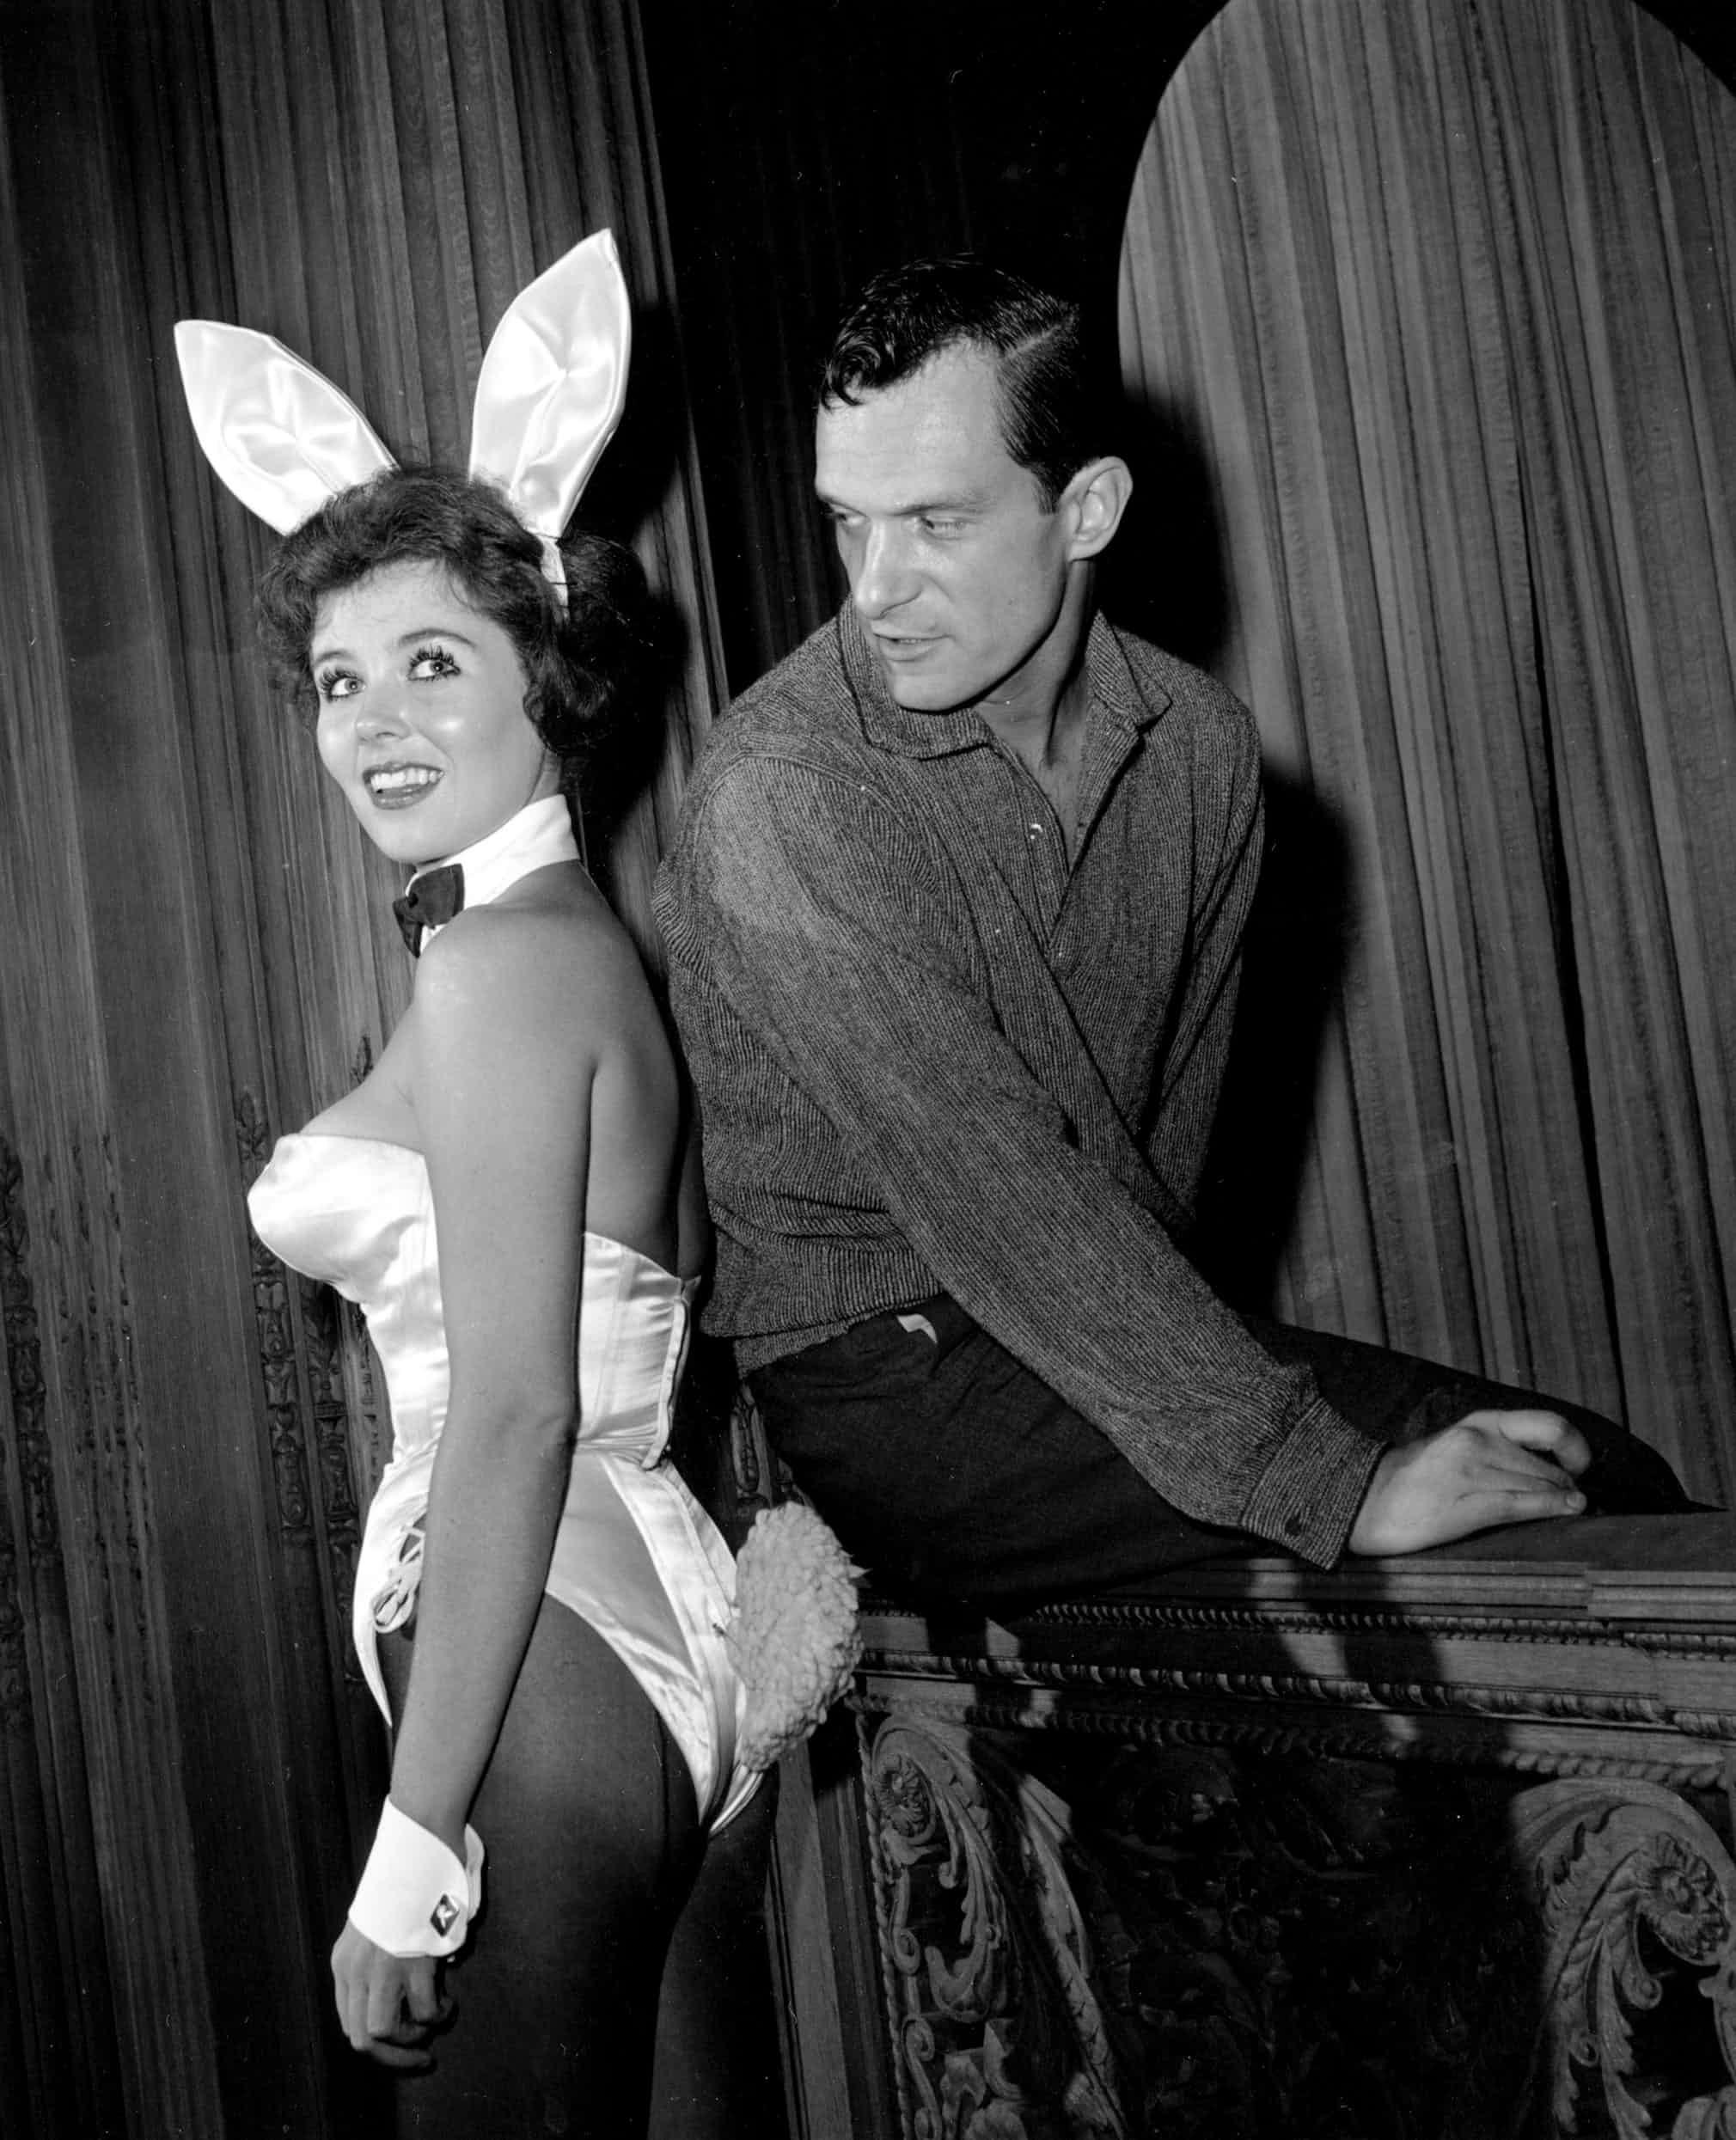 Первый номер Playboy с тогда еще неизвестная широкой публике Мерилин Монро на обложке Хефнер